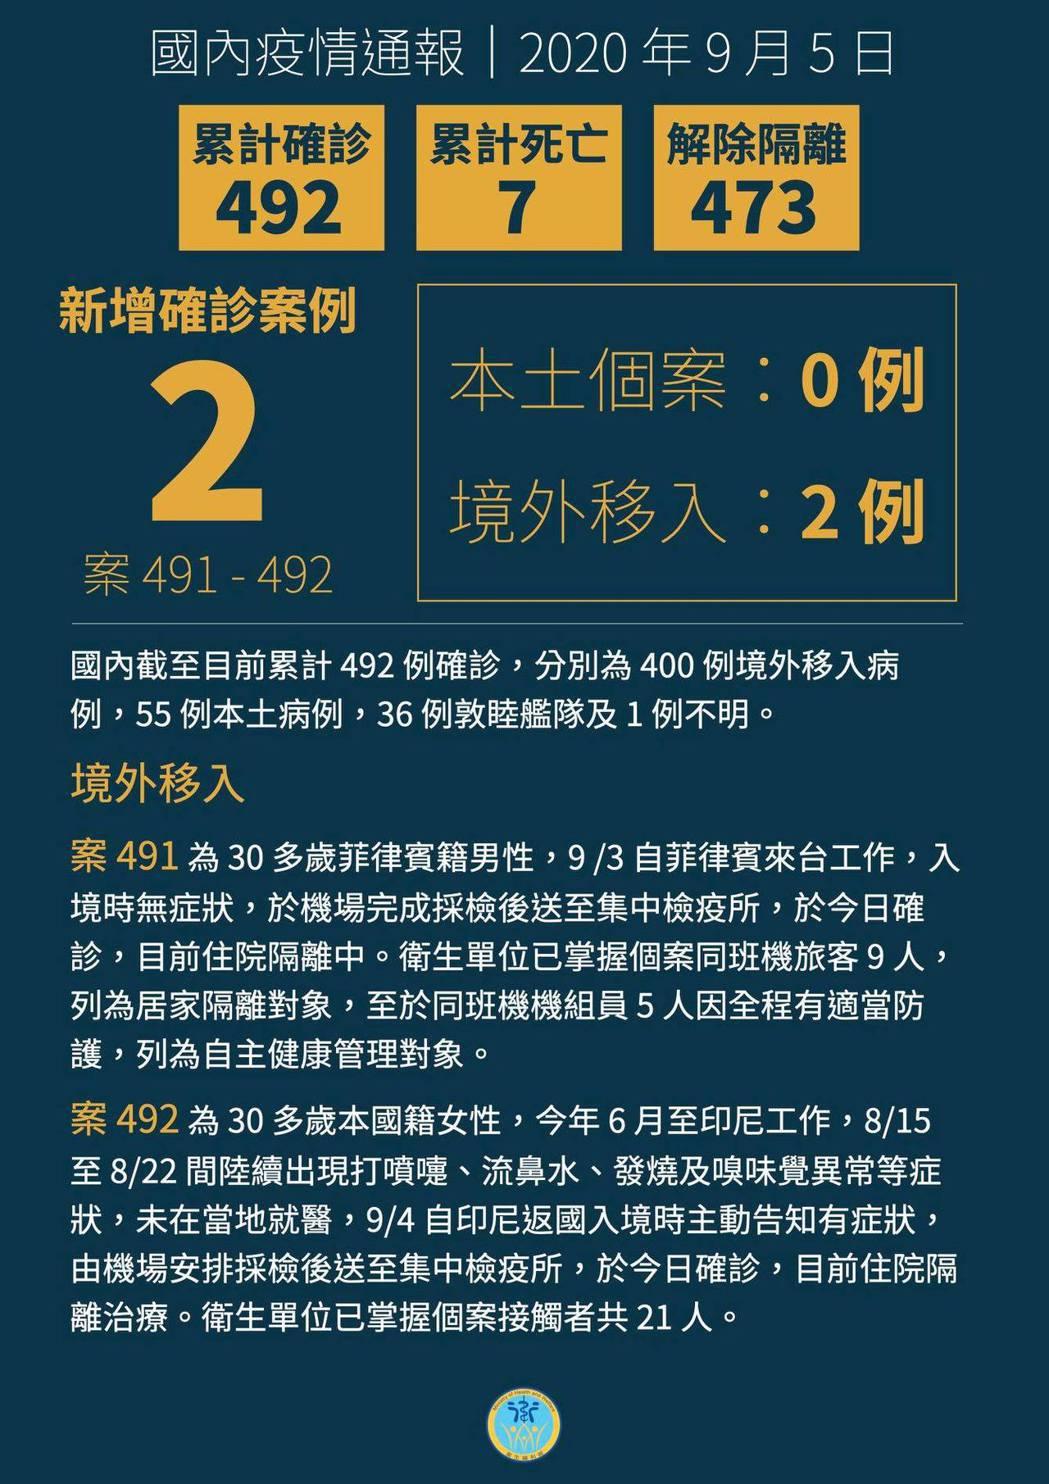 國內新增2例境外移入新冠肺炎病例。圖/取自衛福部臉書